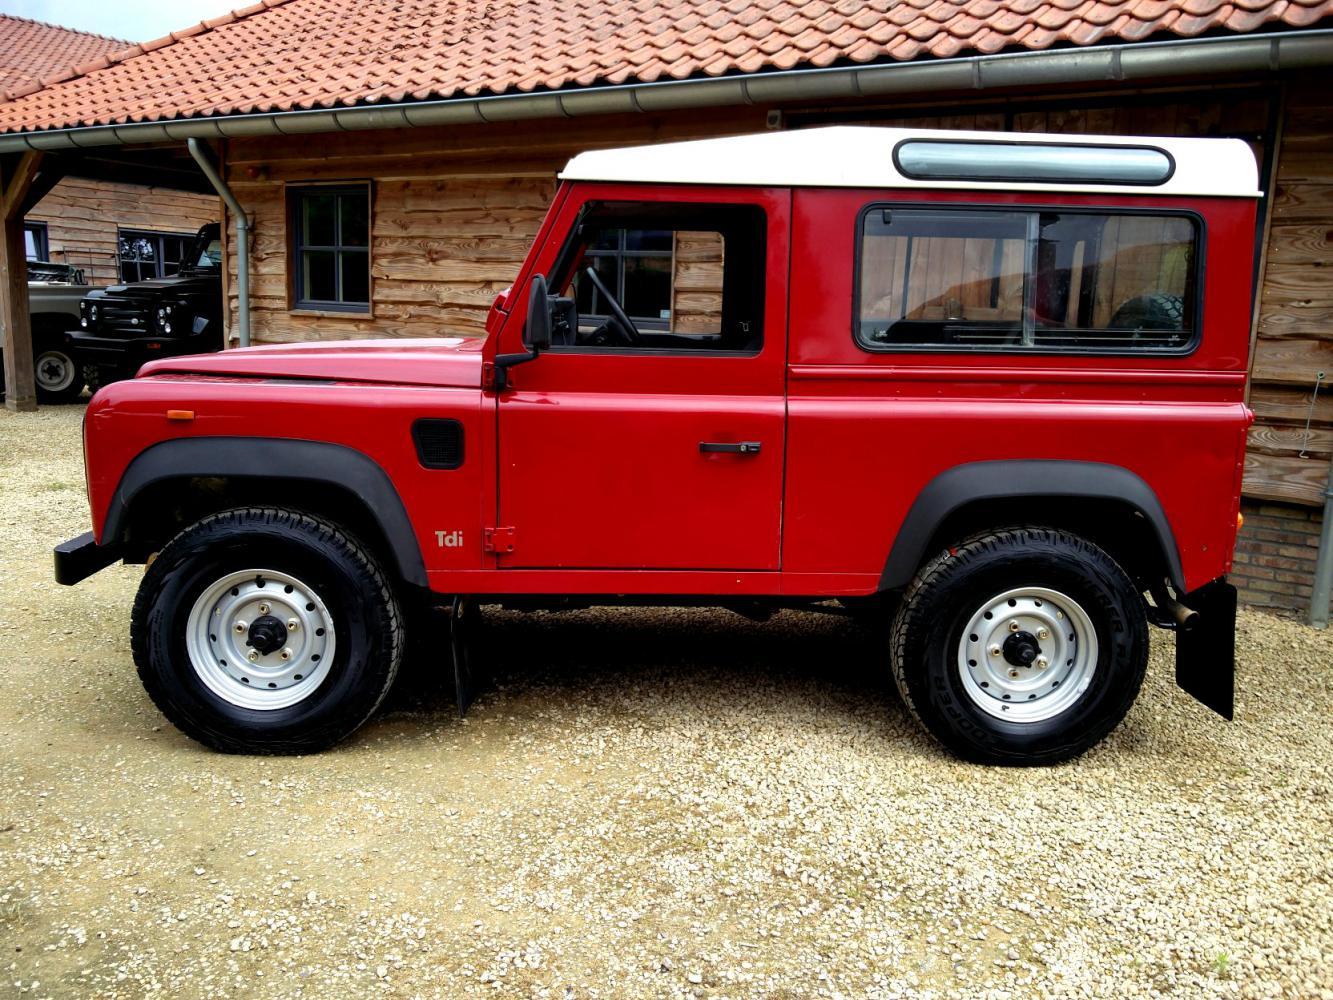 Click image for larger version  Name:1992 LR LHD Defender 90 Red 200 Tdi left side.jpg Views:230 Size:273.5 KB ID:263642